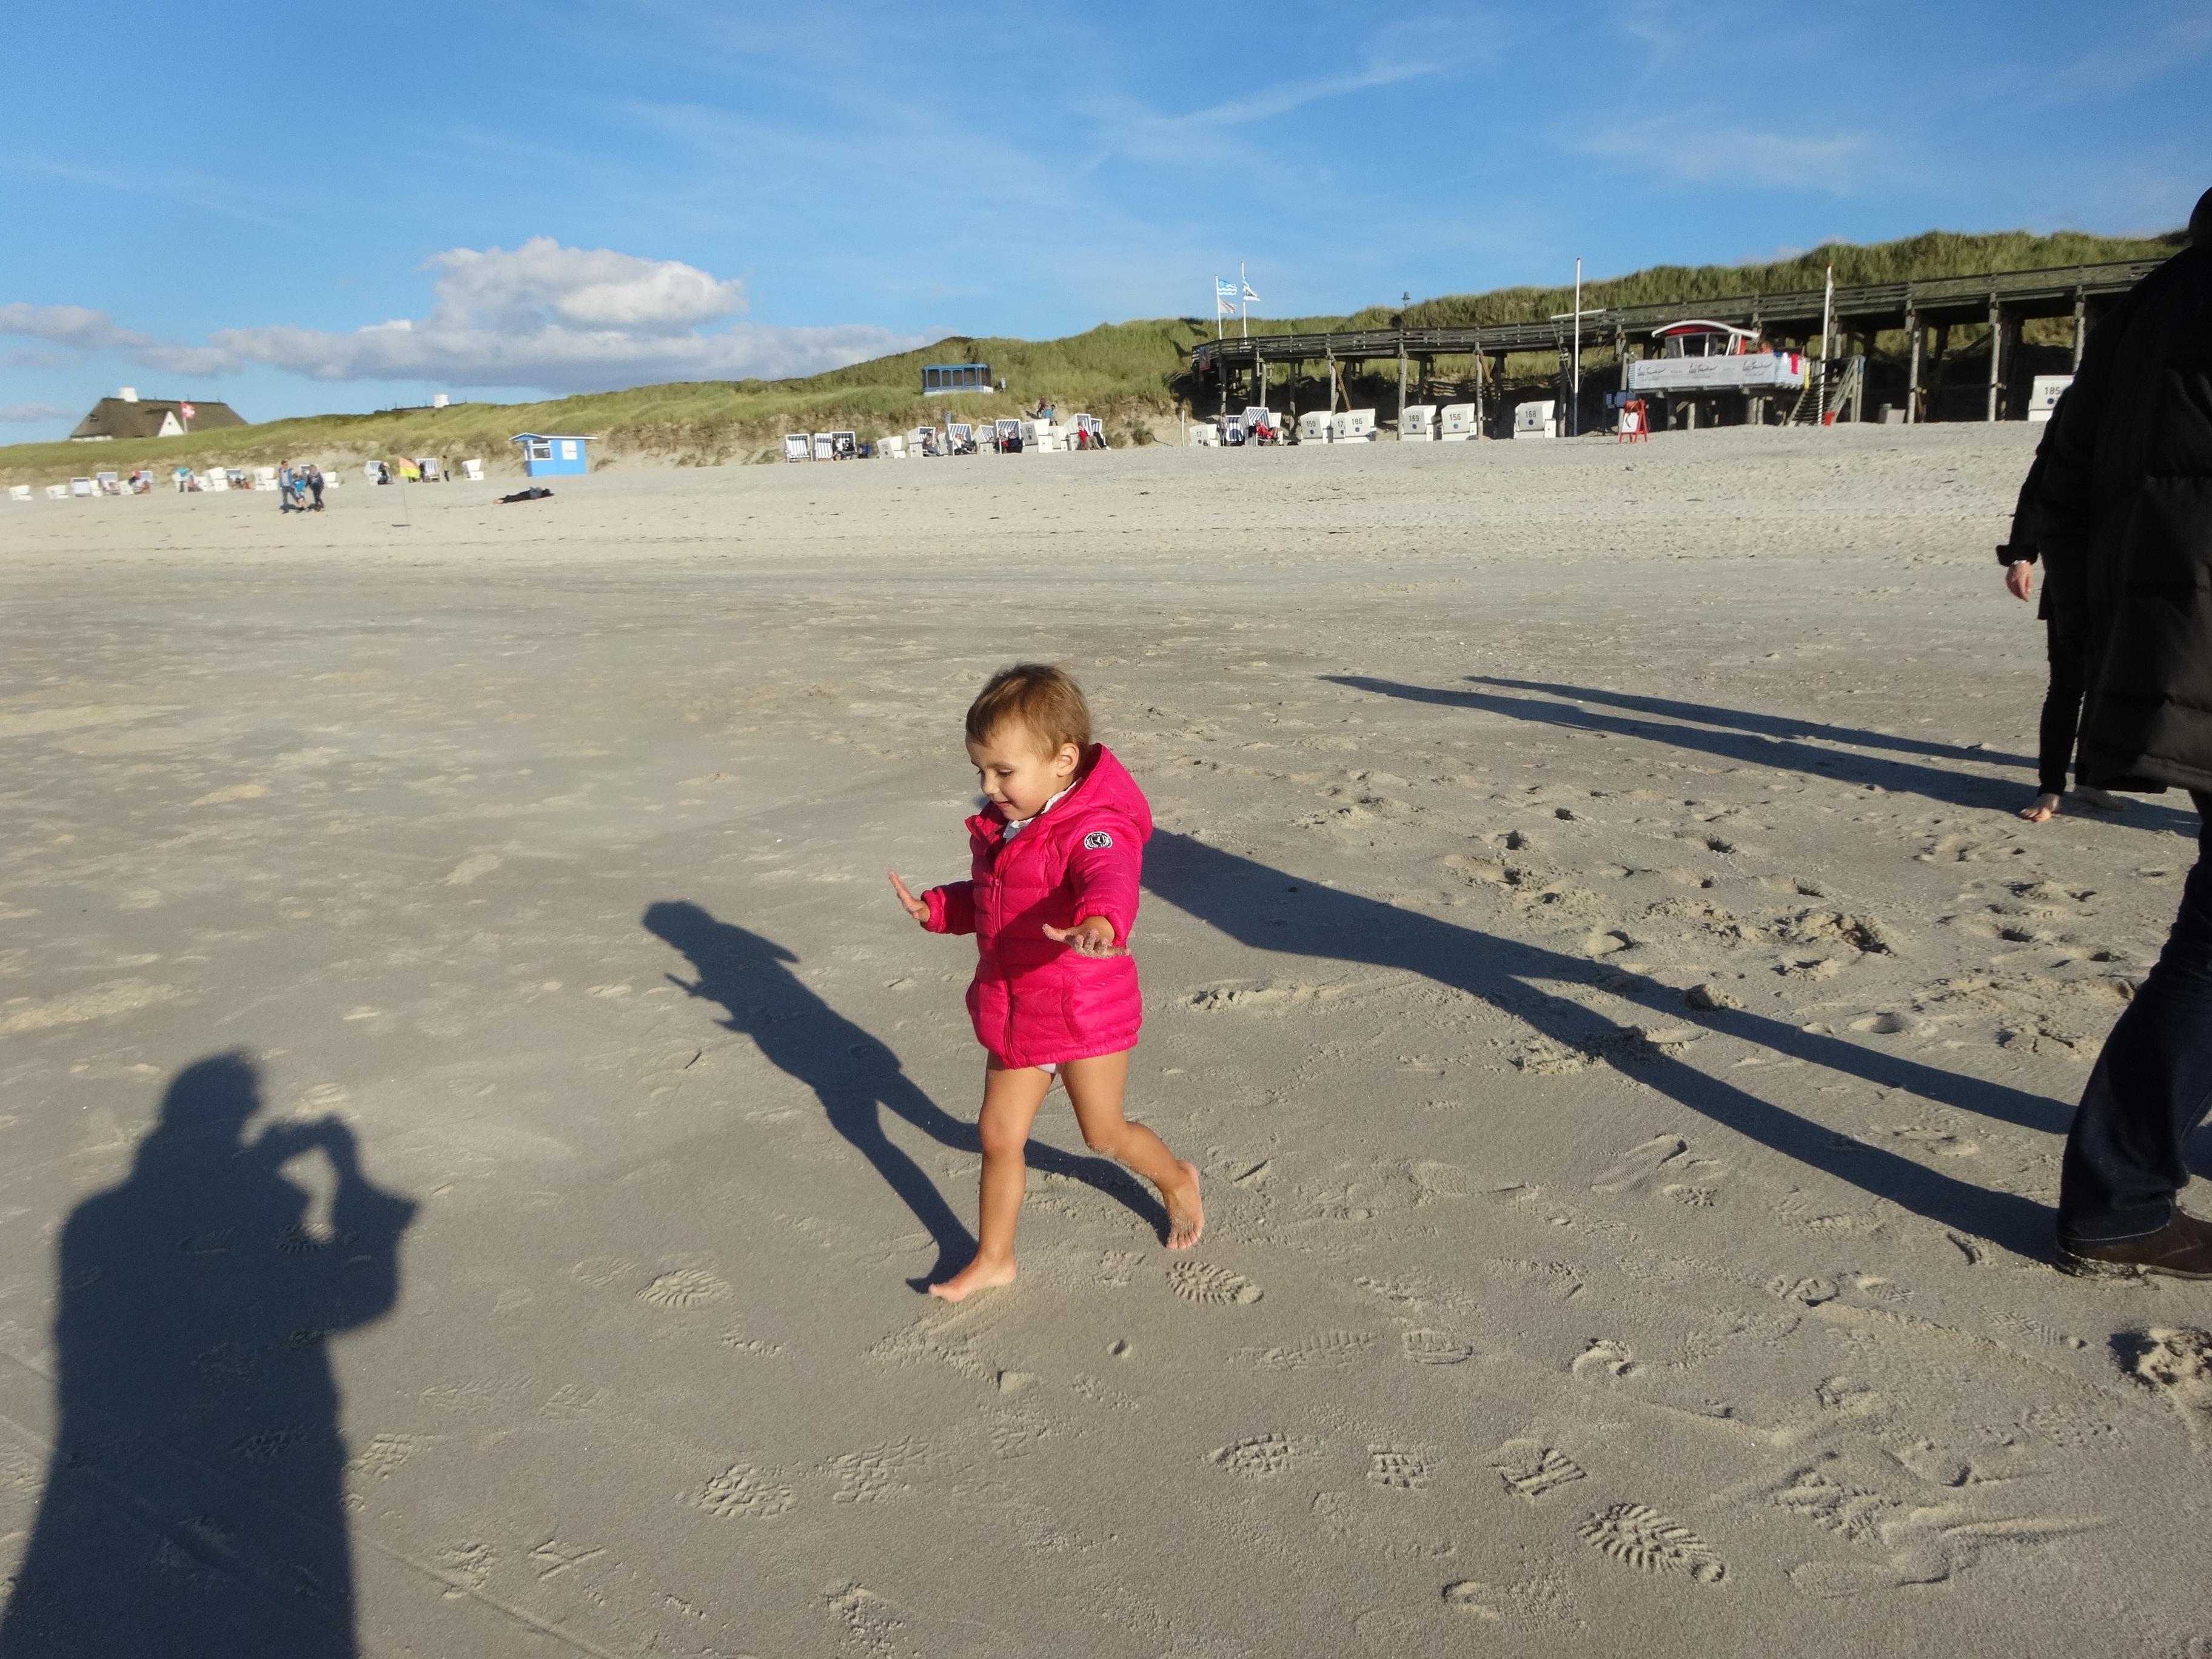 Beaches are fun! / Spaß am Strand